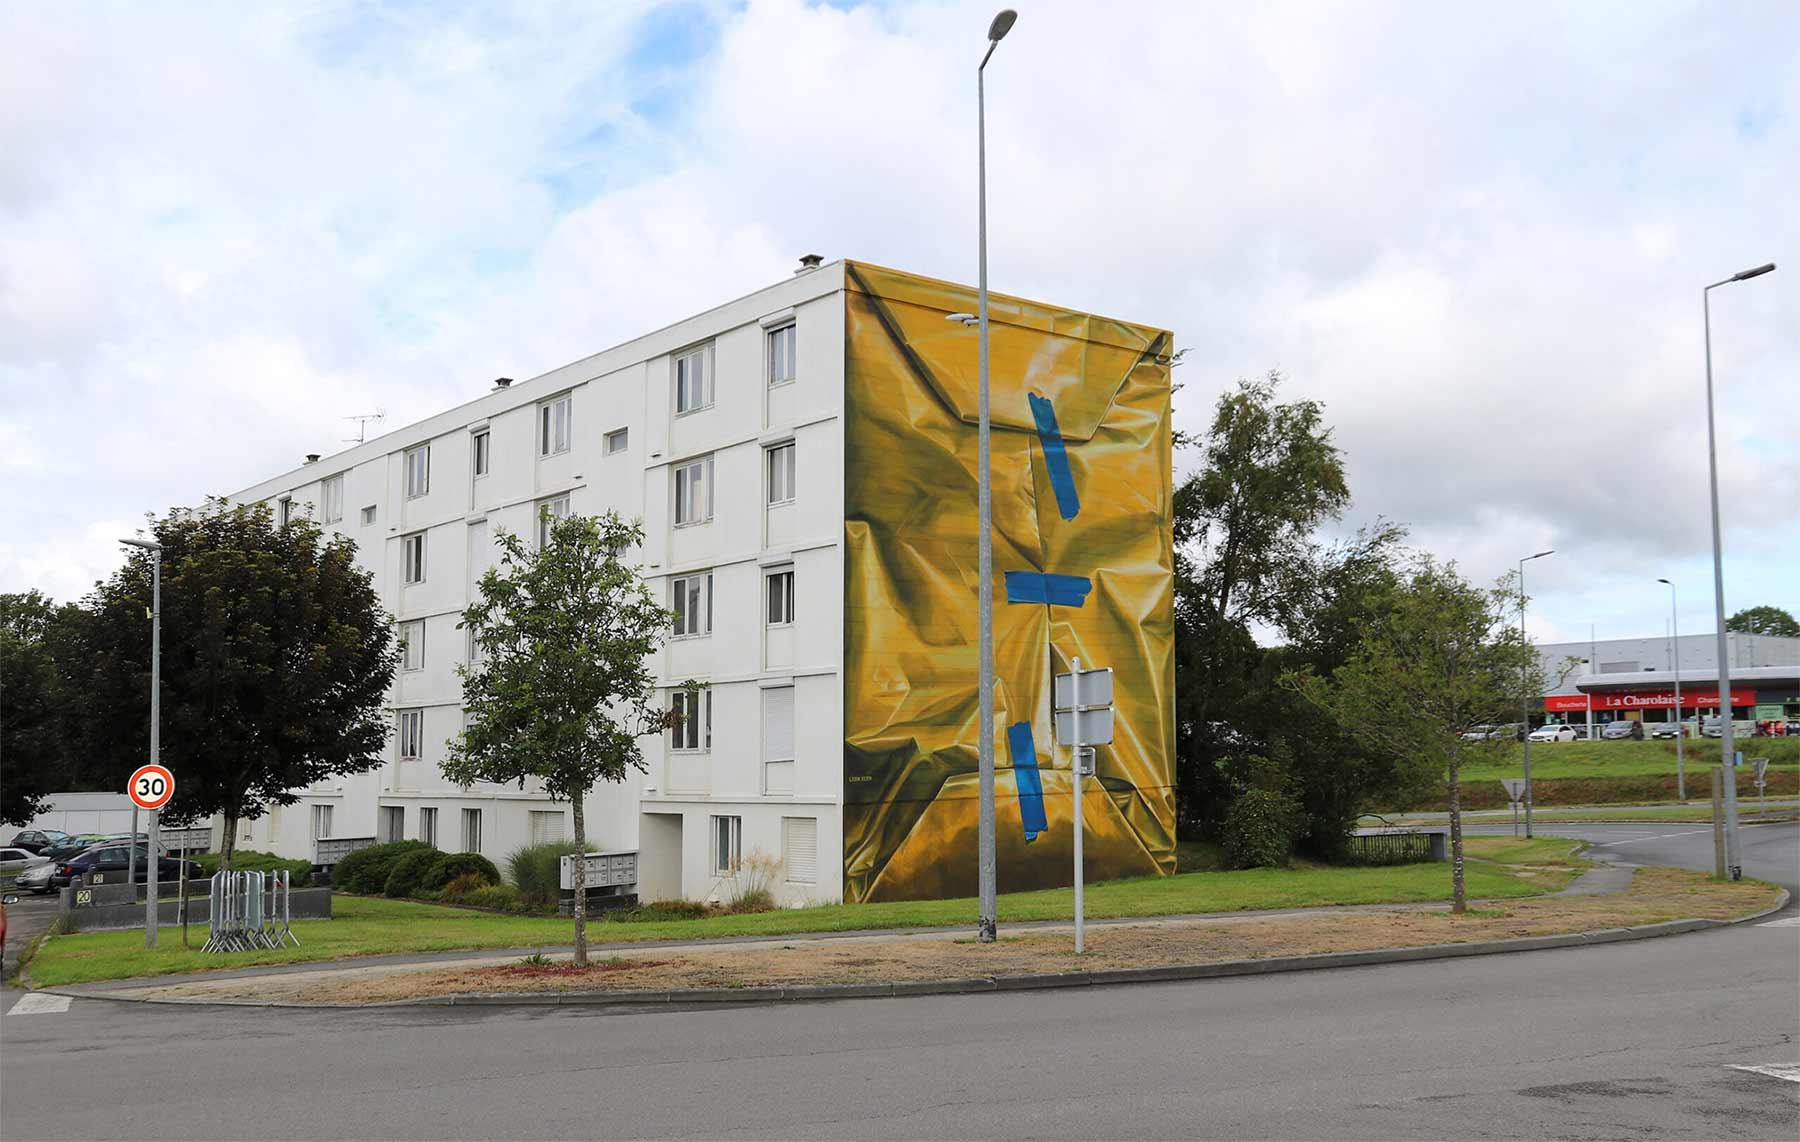 Street Artist Leon Keer packt ein Haus als Geschenk ein Leon-Keer-safe-house-geschenk-mural_03